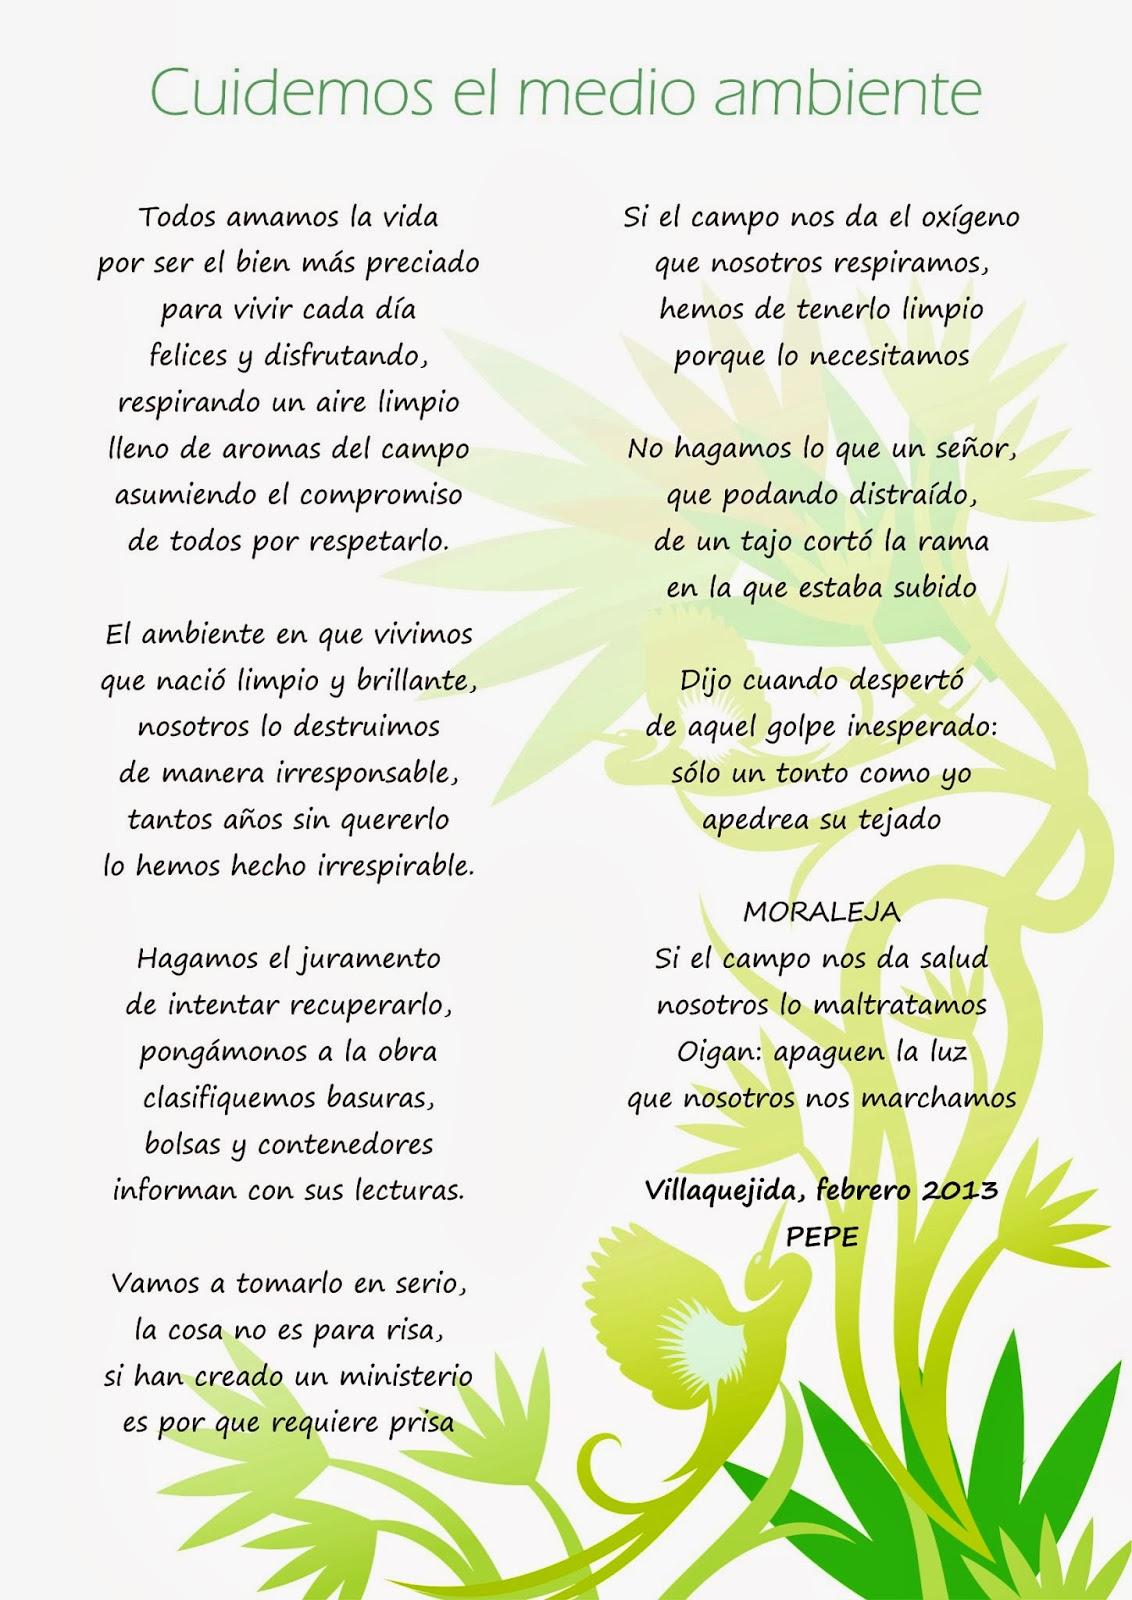 Hogares Verdes Mansurle Poema Cuidemos El Medio Ambiente